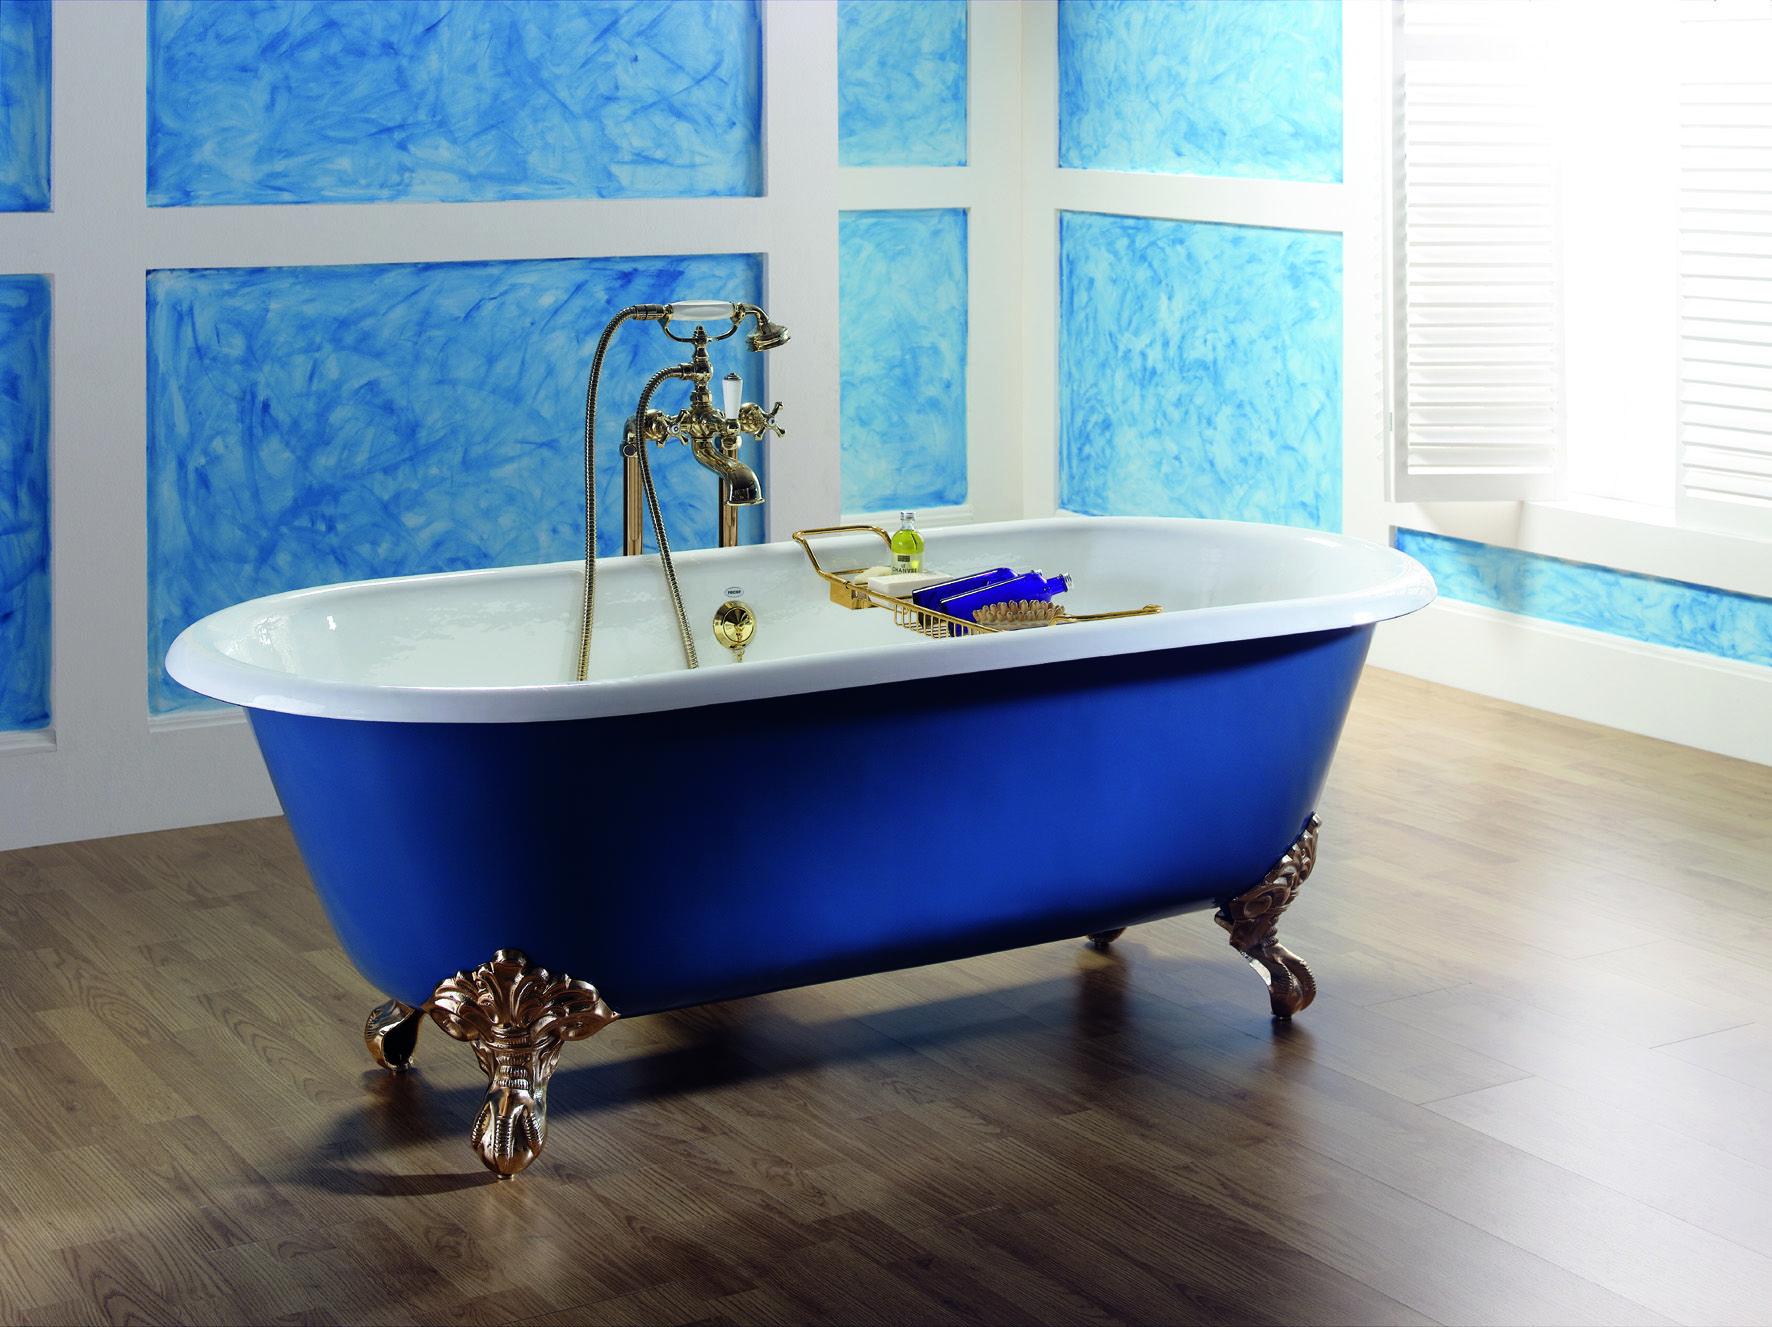 Verniciare Vasca Da Bagno Ghisa : Vasca da bagno centro stanza in ghisa chÉrie devon devon